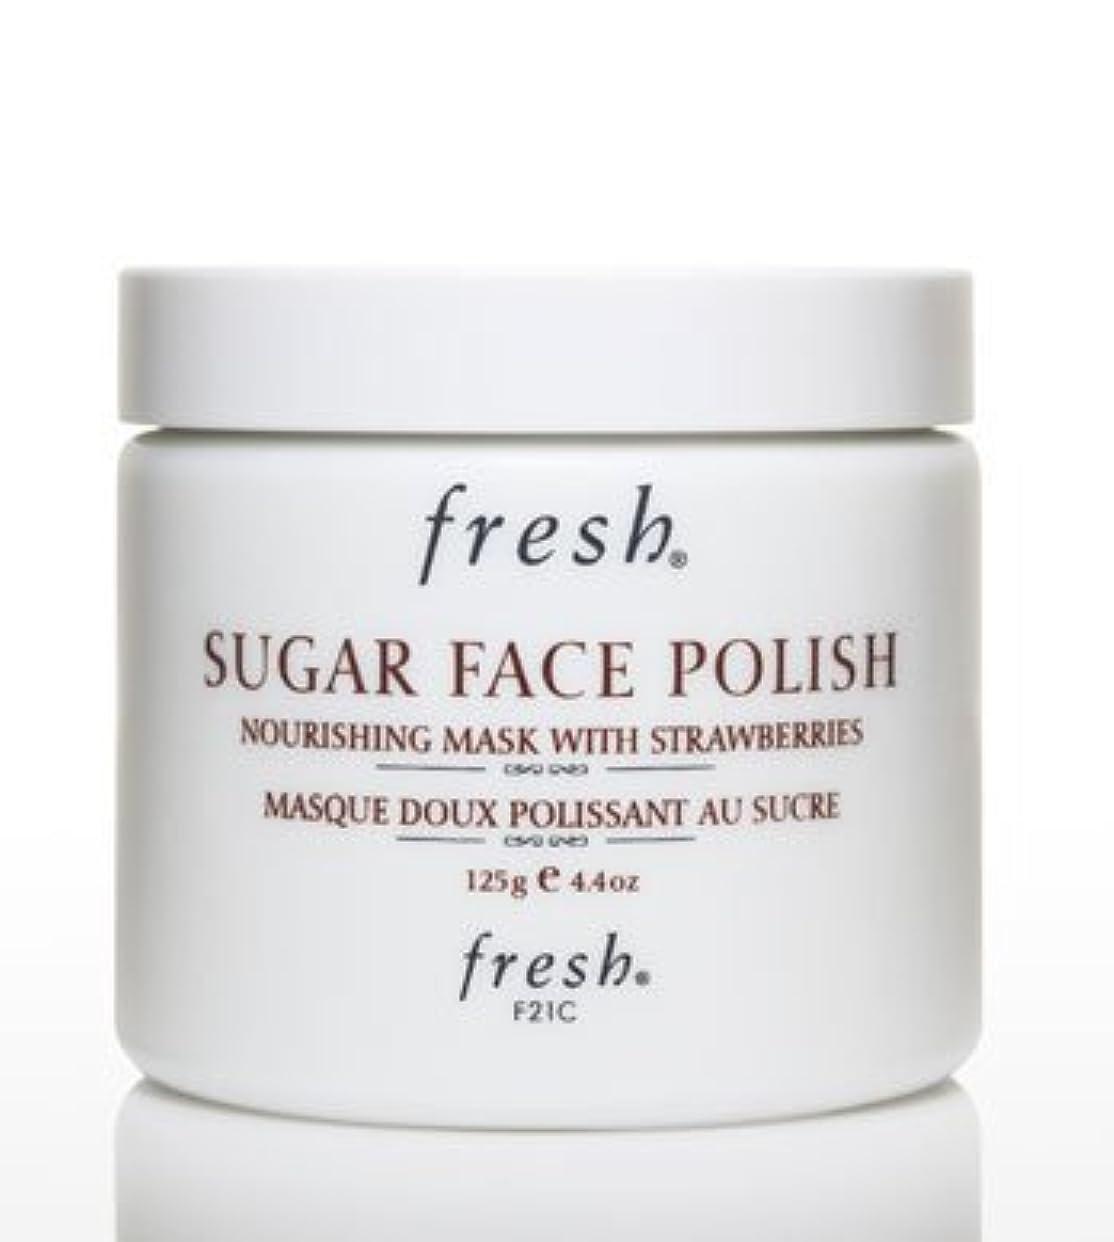 枝卒業ピルファーFresh SUGAR FACE POLISH (フレッシュ シュガーフェイスポリッシュ) 4.2 oz (125g) by Fresh for Women